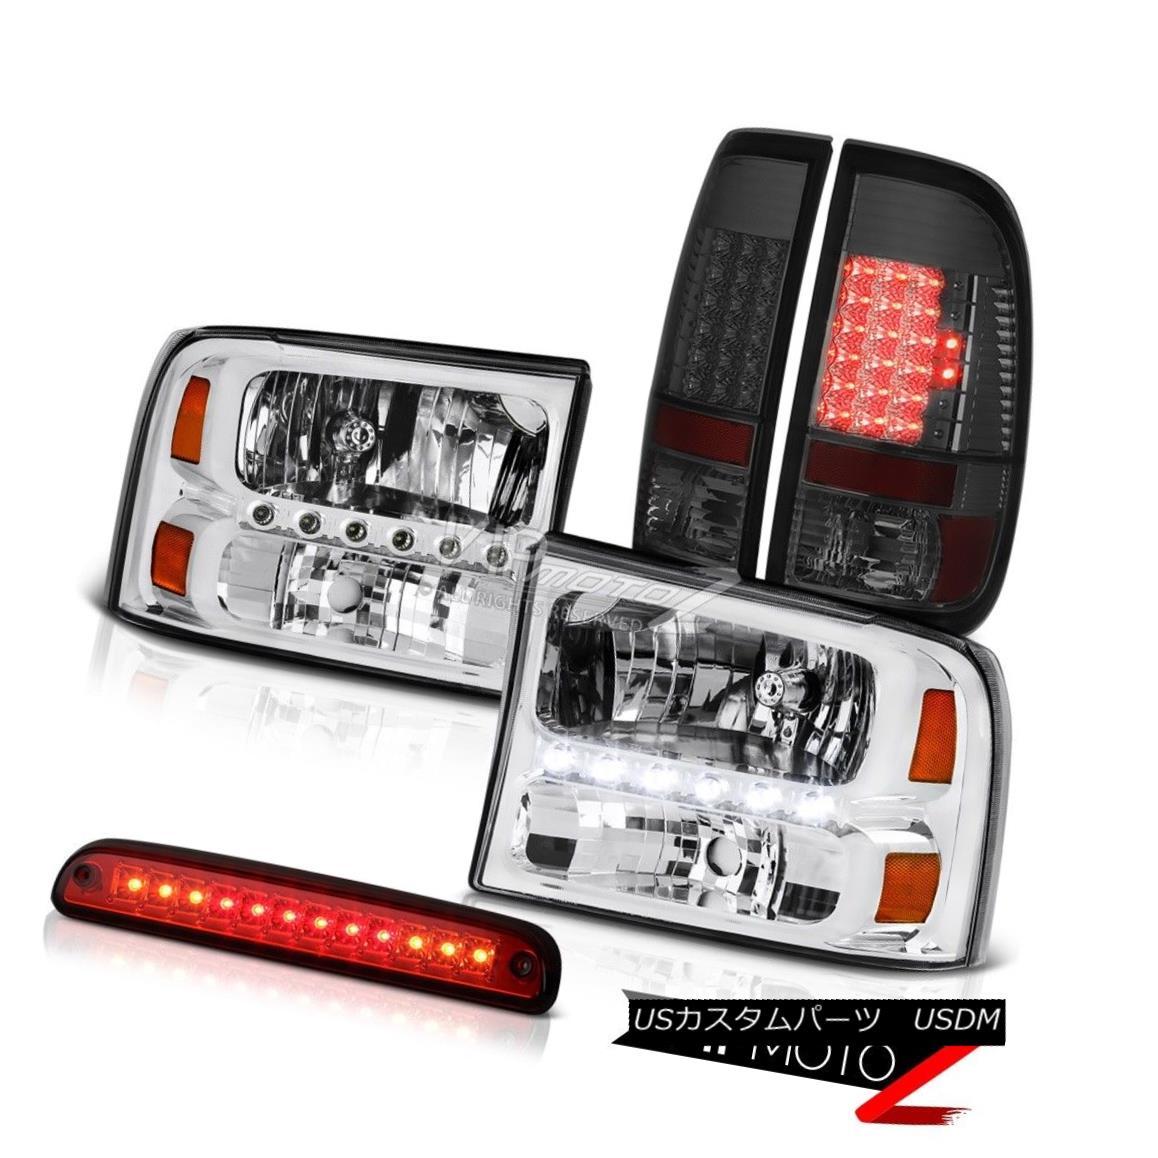 テールライト 1999-2004 Ford F350 Pair Chrome Headlights Smoke Tail Lights LED High Stop Red 1999-2004フォードF350ペアクロームヘッドライトスモークテールライトLEDハイストップレッド